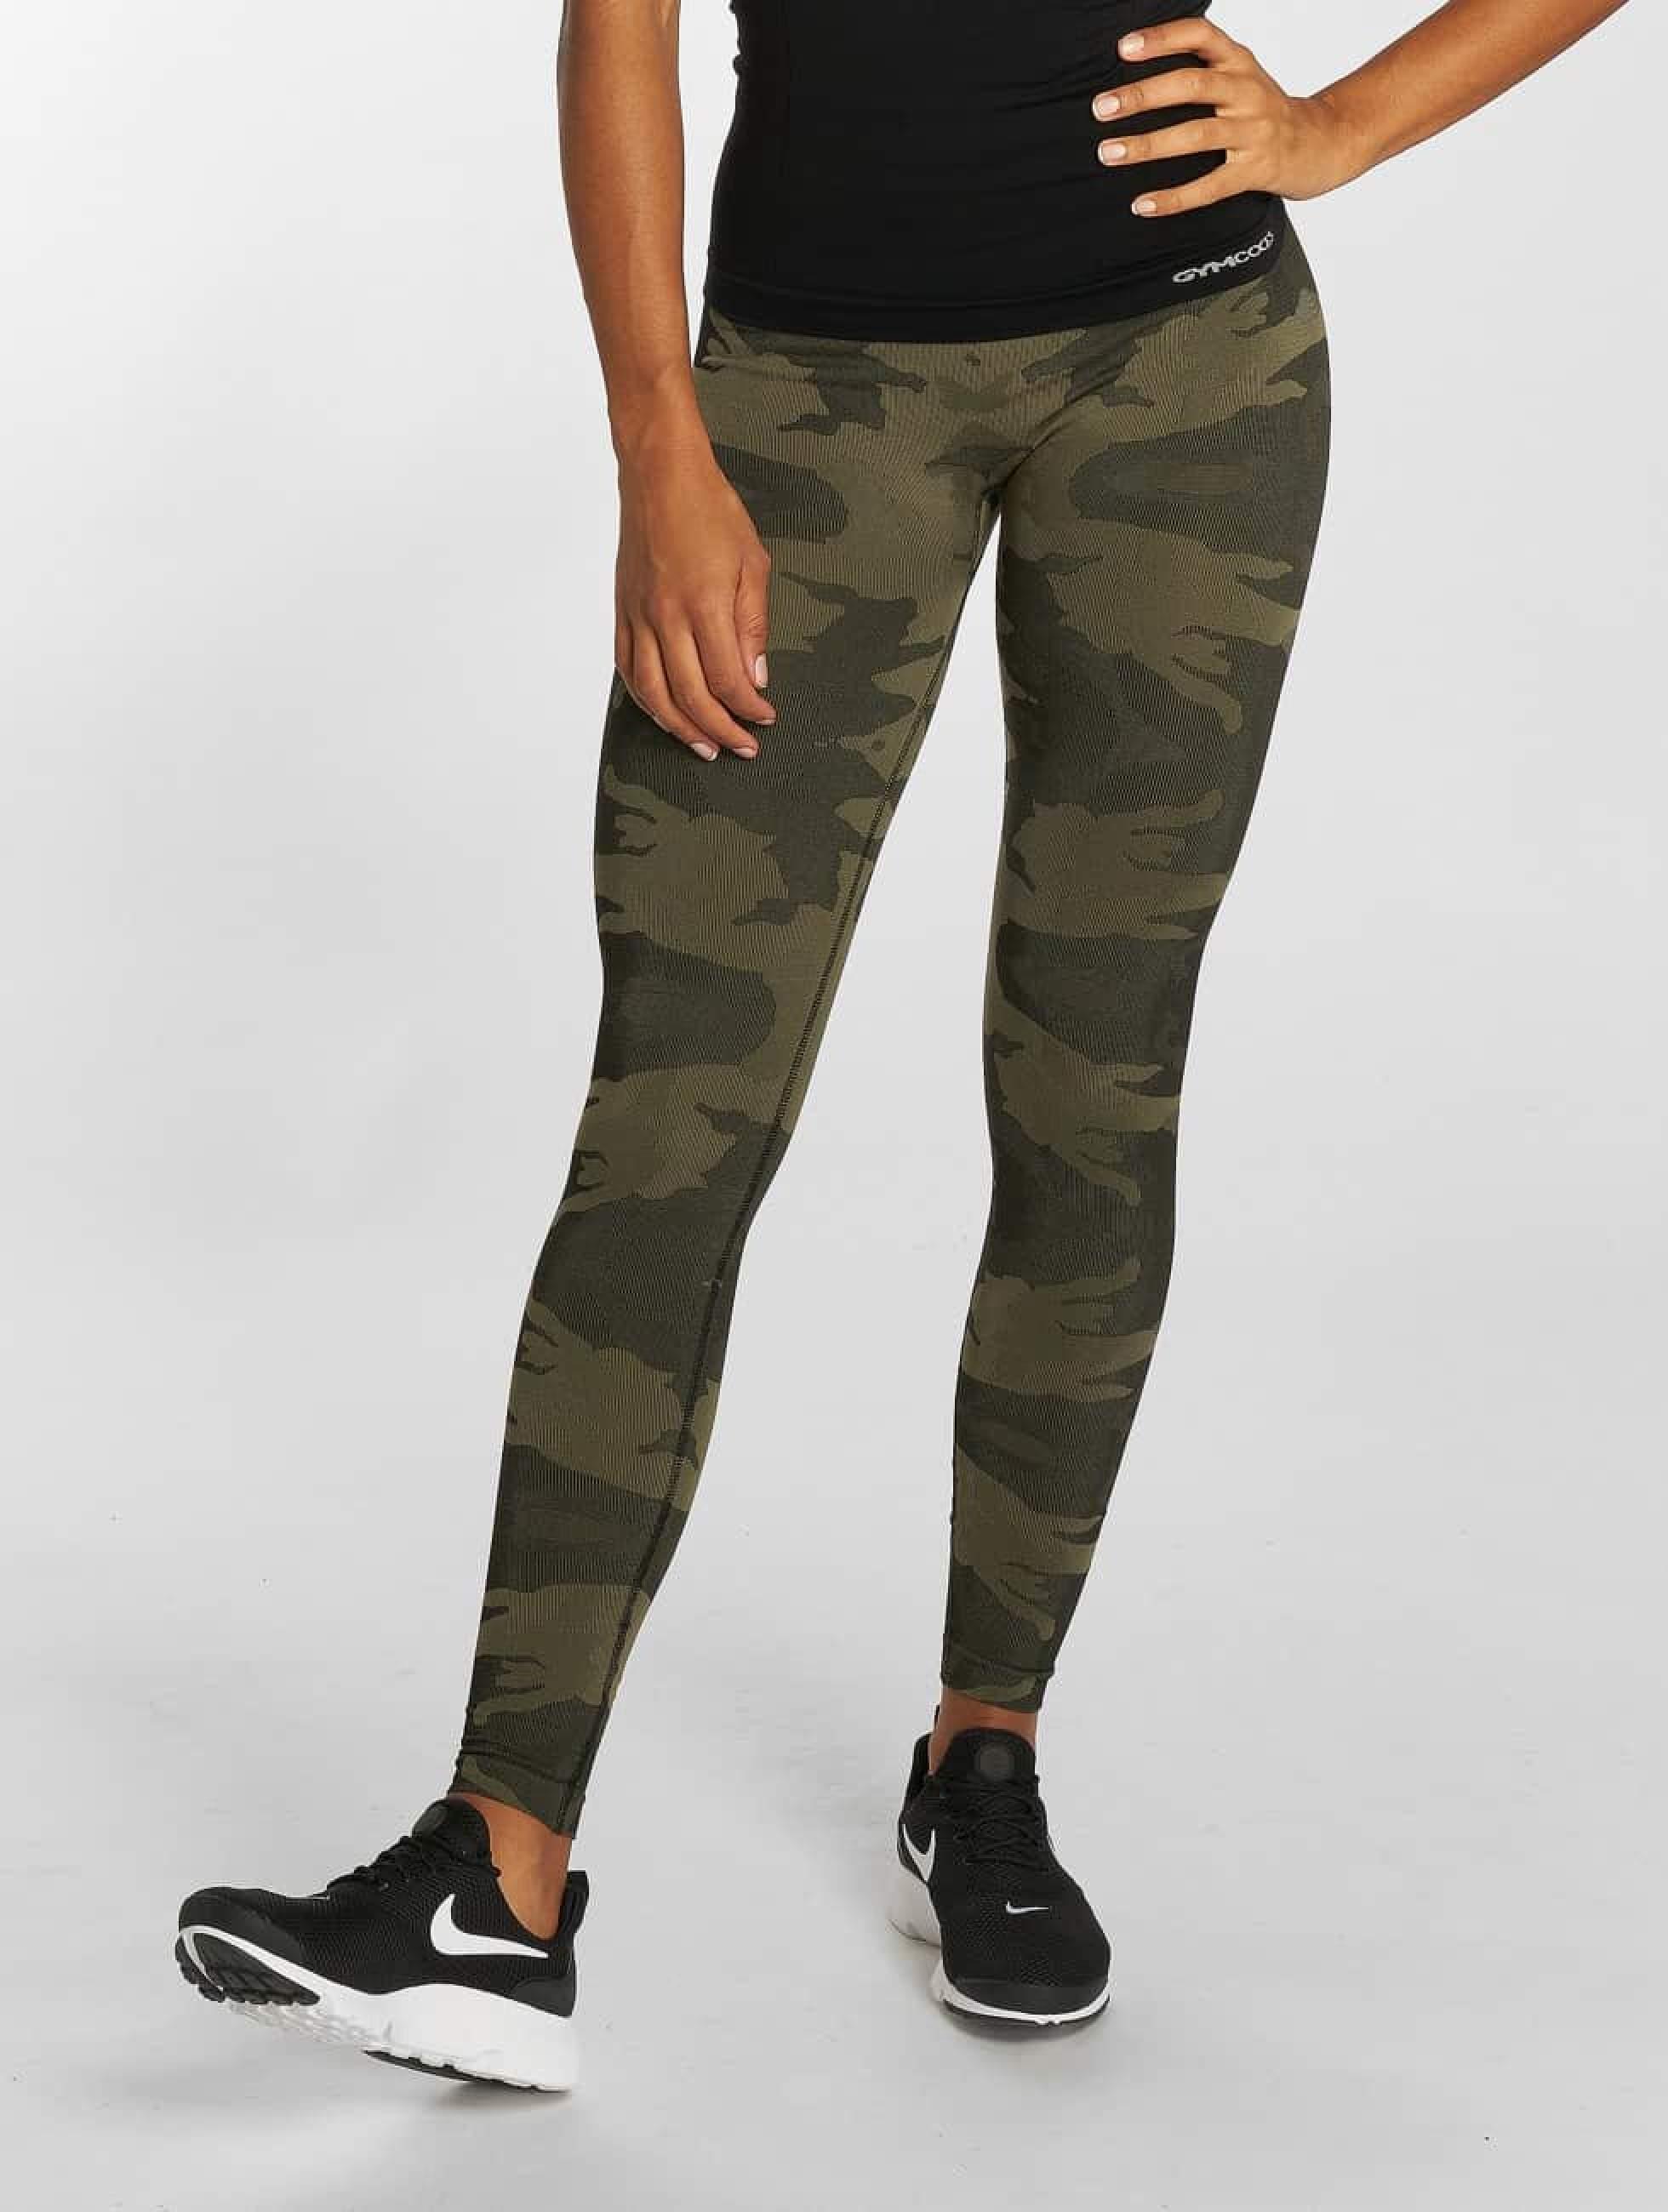 GymCodes | Flex High-Waist camouflage Femme Legging